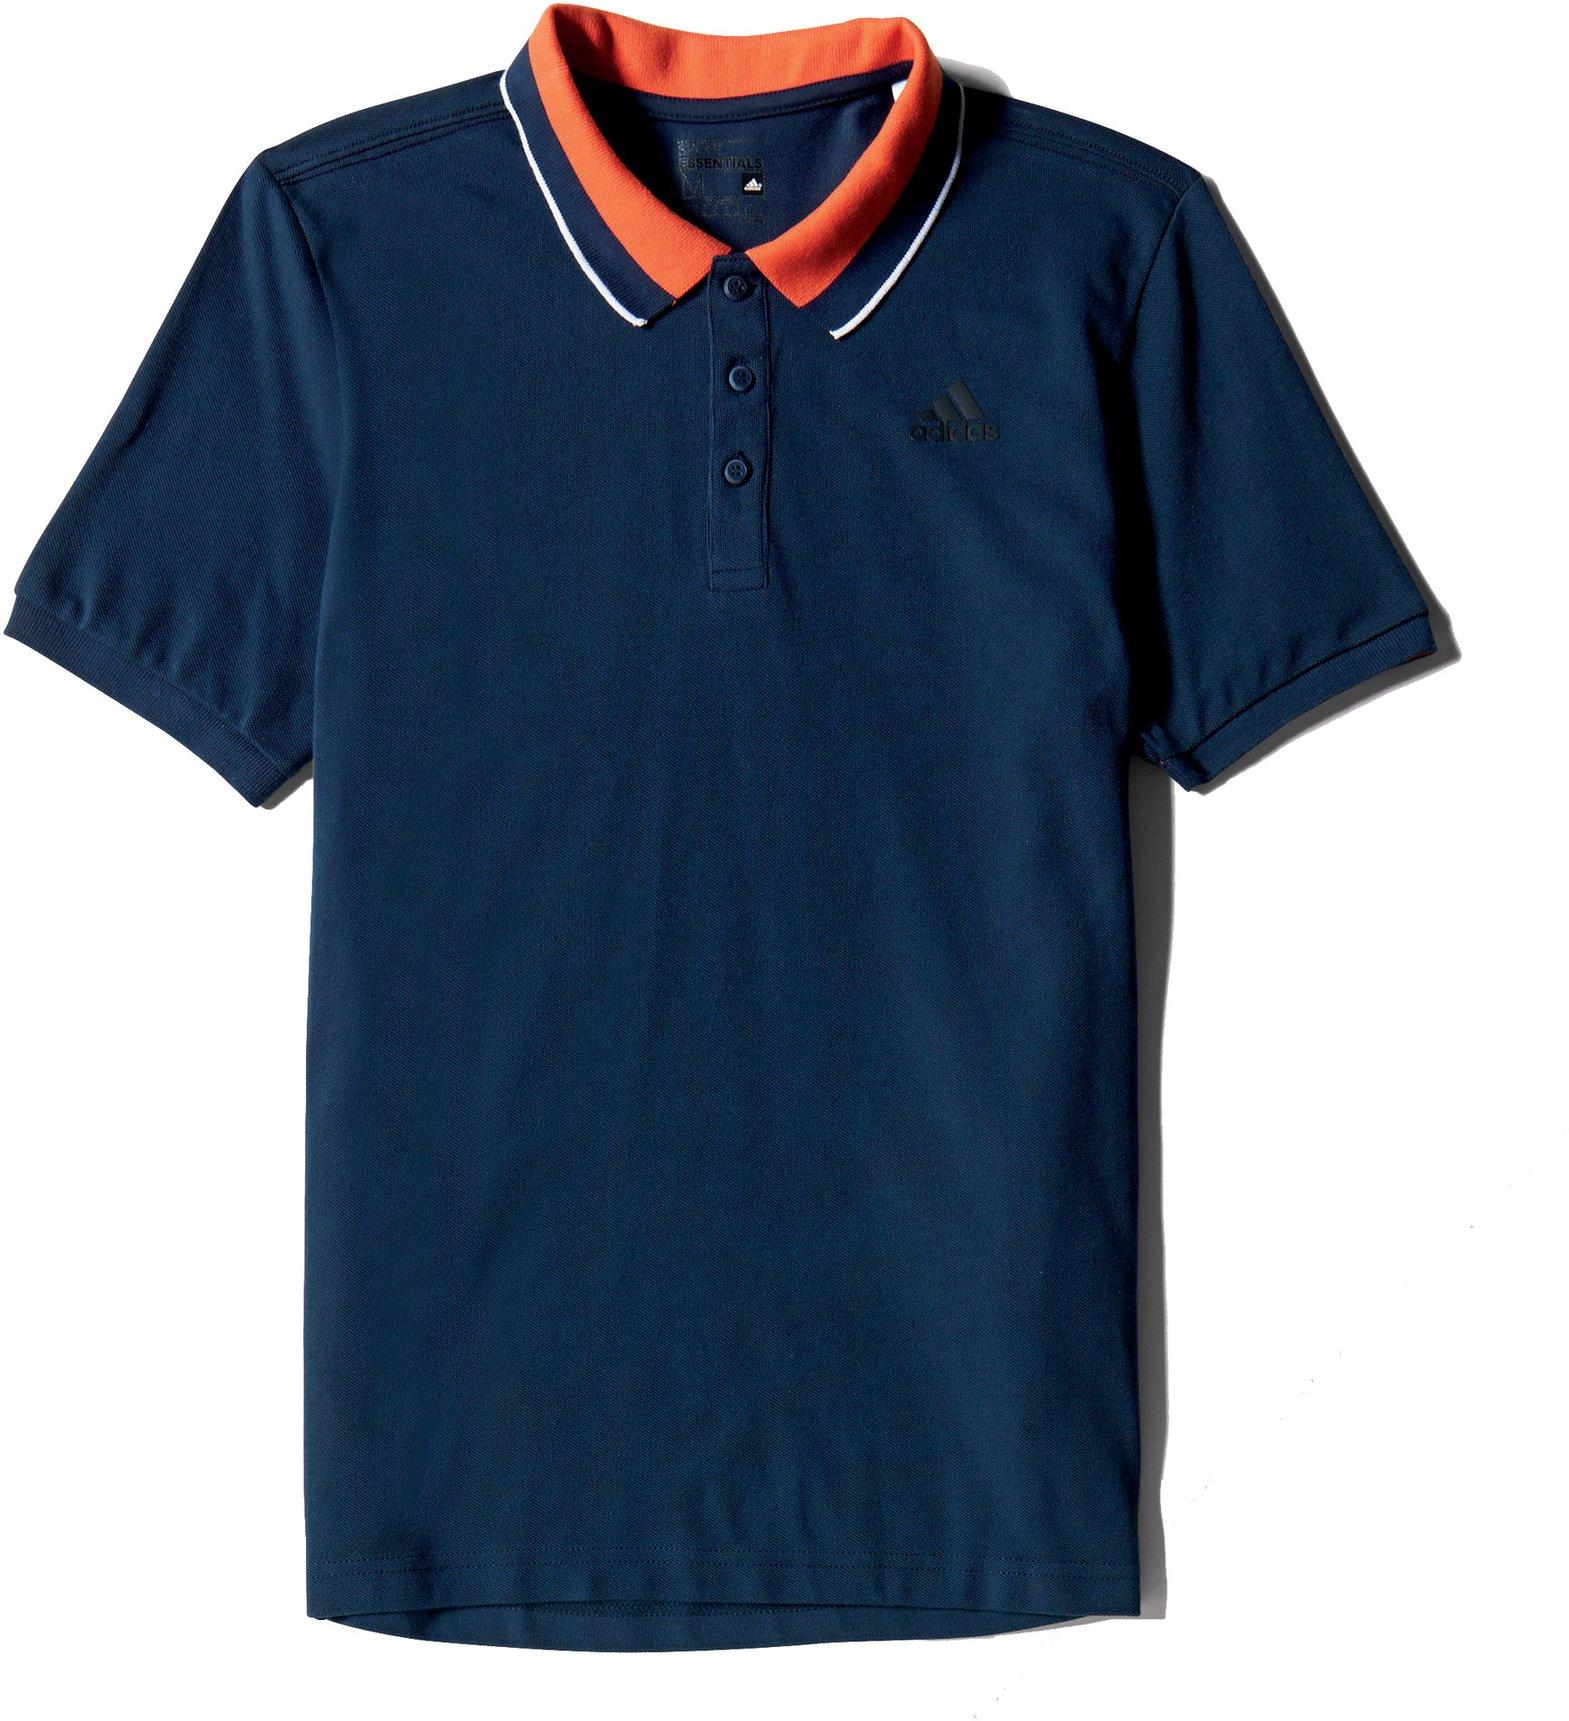 Adidas Poloshirt Herren